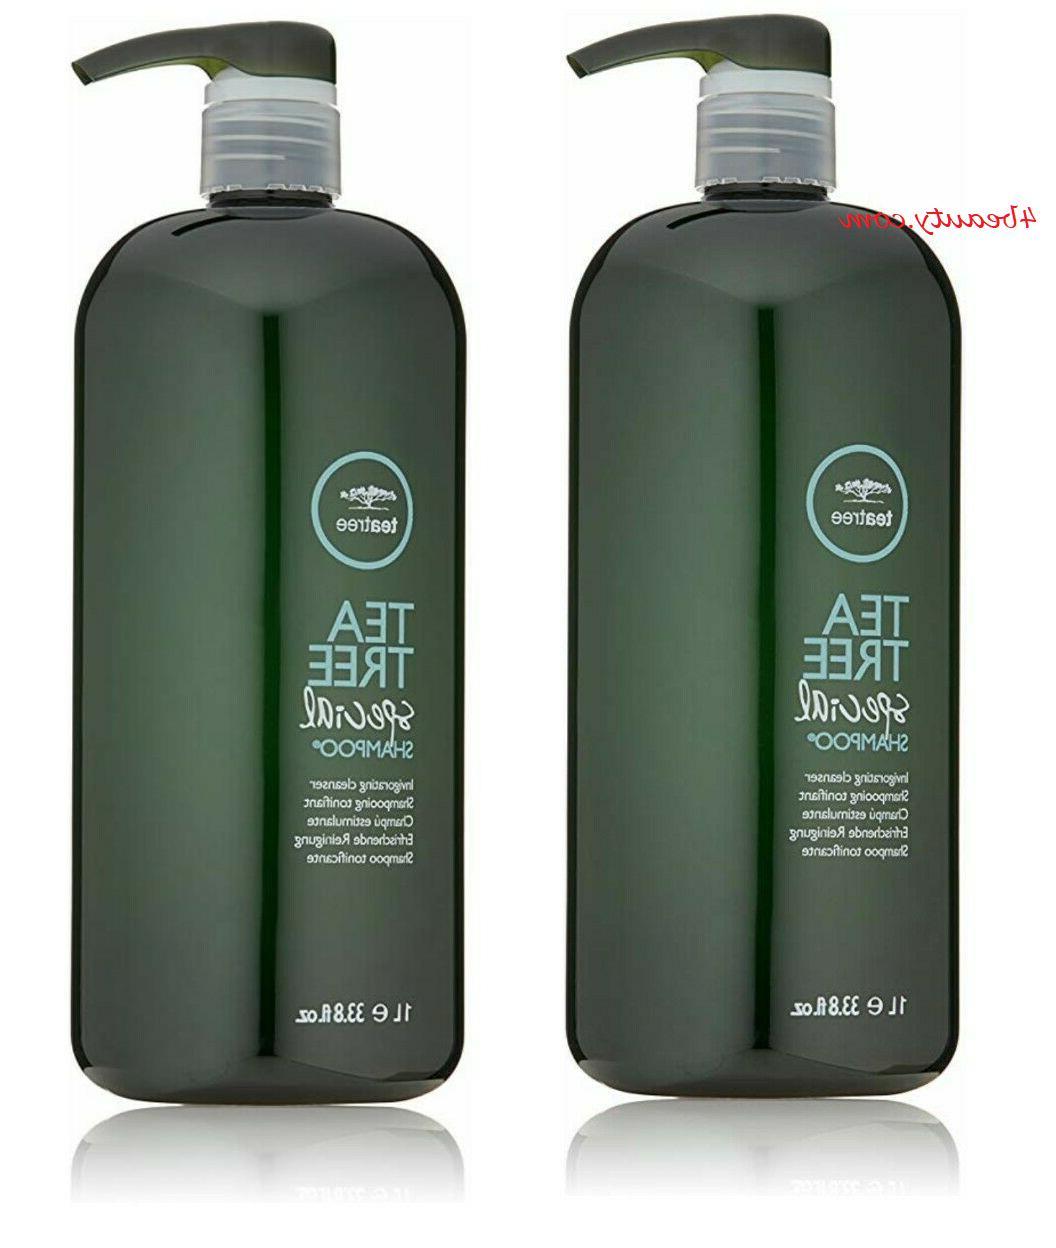 Shampoo Haircare TEA TREE SPECIAL SHAMPOO INVIGORATING CLEAN